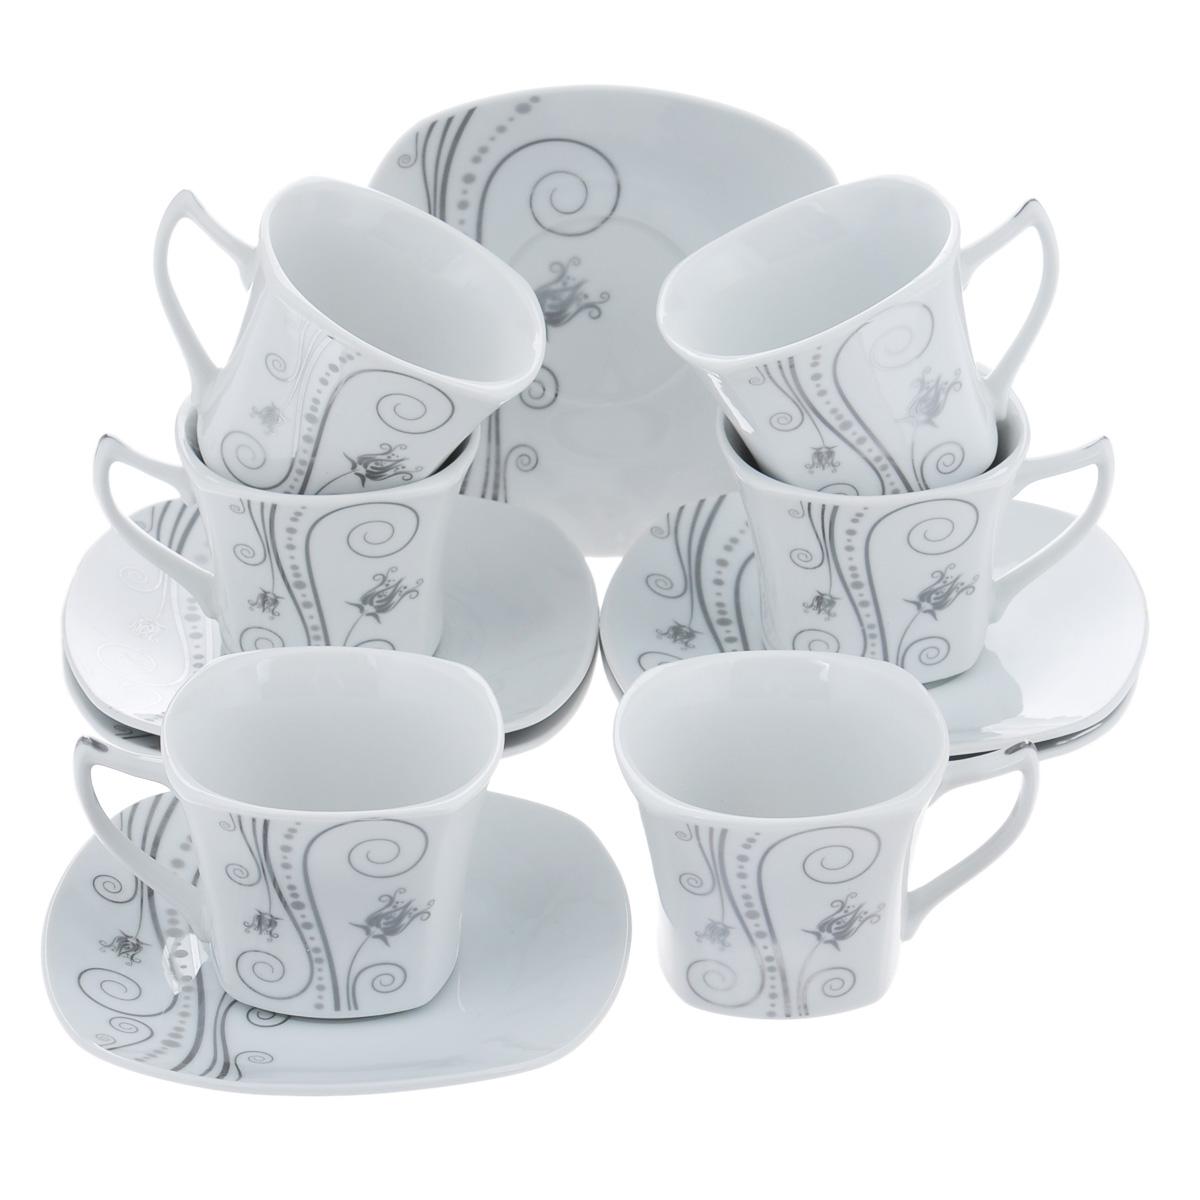 Набор чайный Bekker, 12 предметов. BK-5983BK-5983Чайный набор Bekker состоит из шести чашек и шести блюдец. Предметы набора изготовлены из высококачественного фарфора белого цвета и украшены серебристой эмалью. Изящный орнамент придает набору стильный внешний вид. Чайный набор роскошного дизайна украсит интерьер кухни. Прекрасно подойдет как для торжественных случаев, так и для ежедневного использования.Набор упакован в подарочную картонную коробку золотистого цвета. Подходит для мытья в посудомоечной машине. Объем чашки: 150 мл. Размер чашки (по верхнему краю): 8 см х 8 см. Высота чашки: 6,5 см. Размер блюдца: 14 см х 14 см.